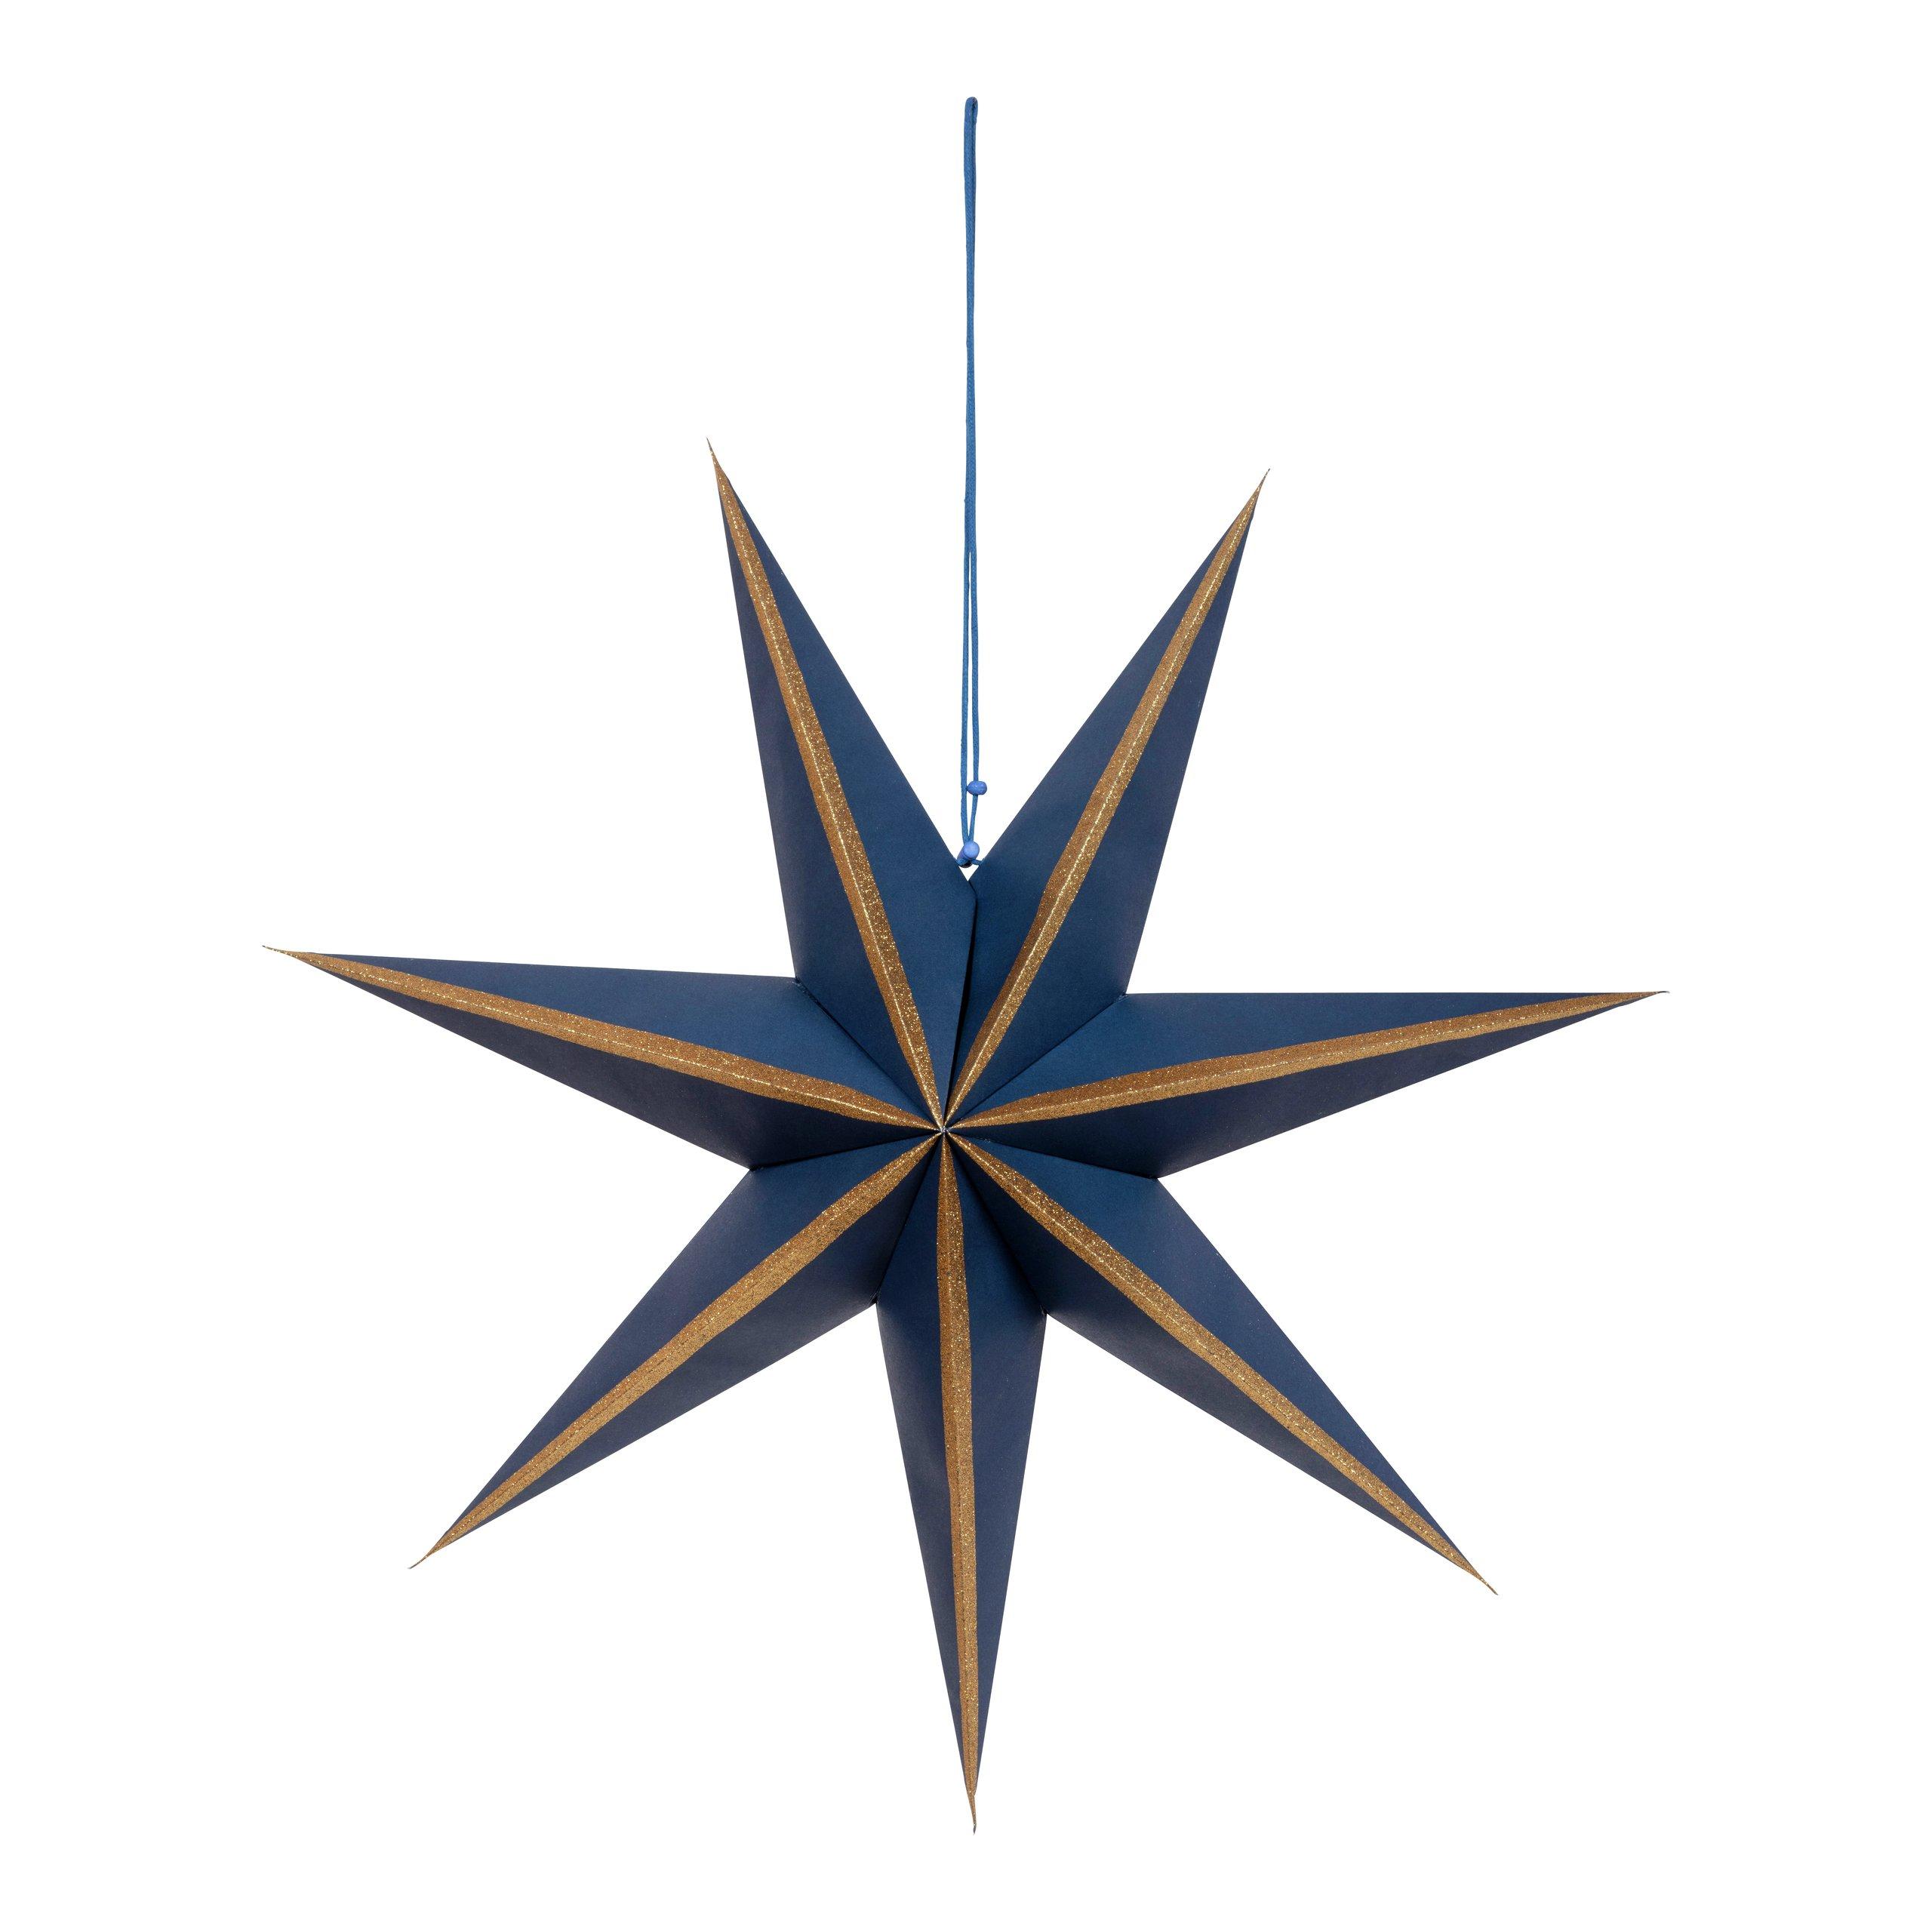 GULLSTRIPE PAPIRSTJERNE BLÅ 7 ARMER Ø:60CM-102372